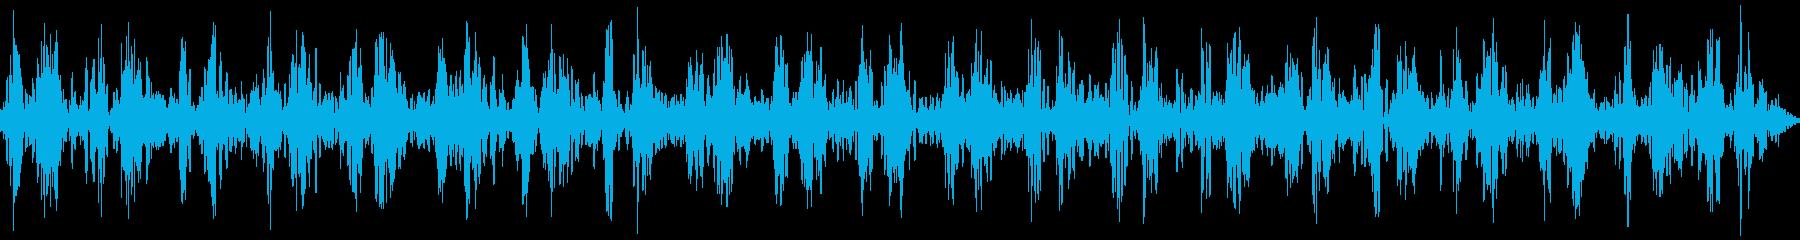 フルカウント:スローハートビートの再生済みの波形